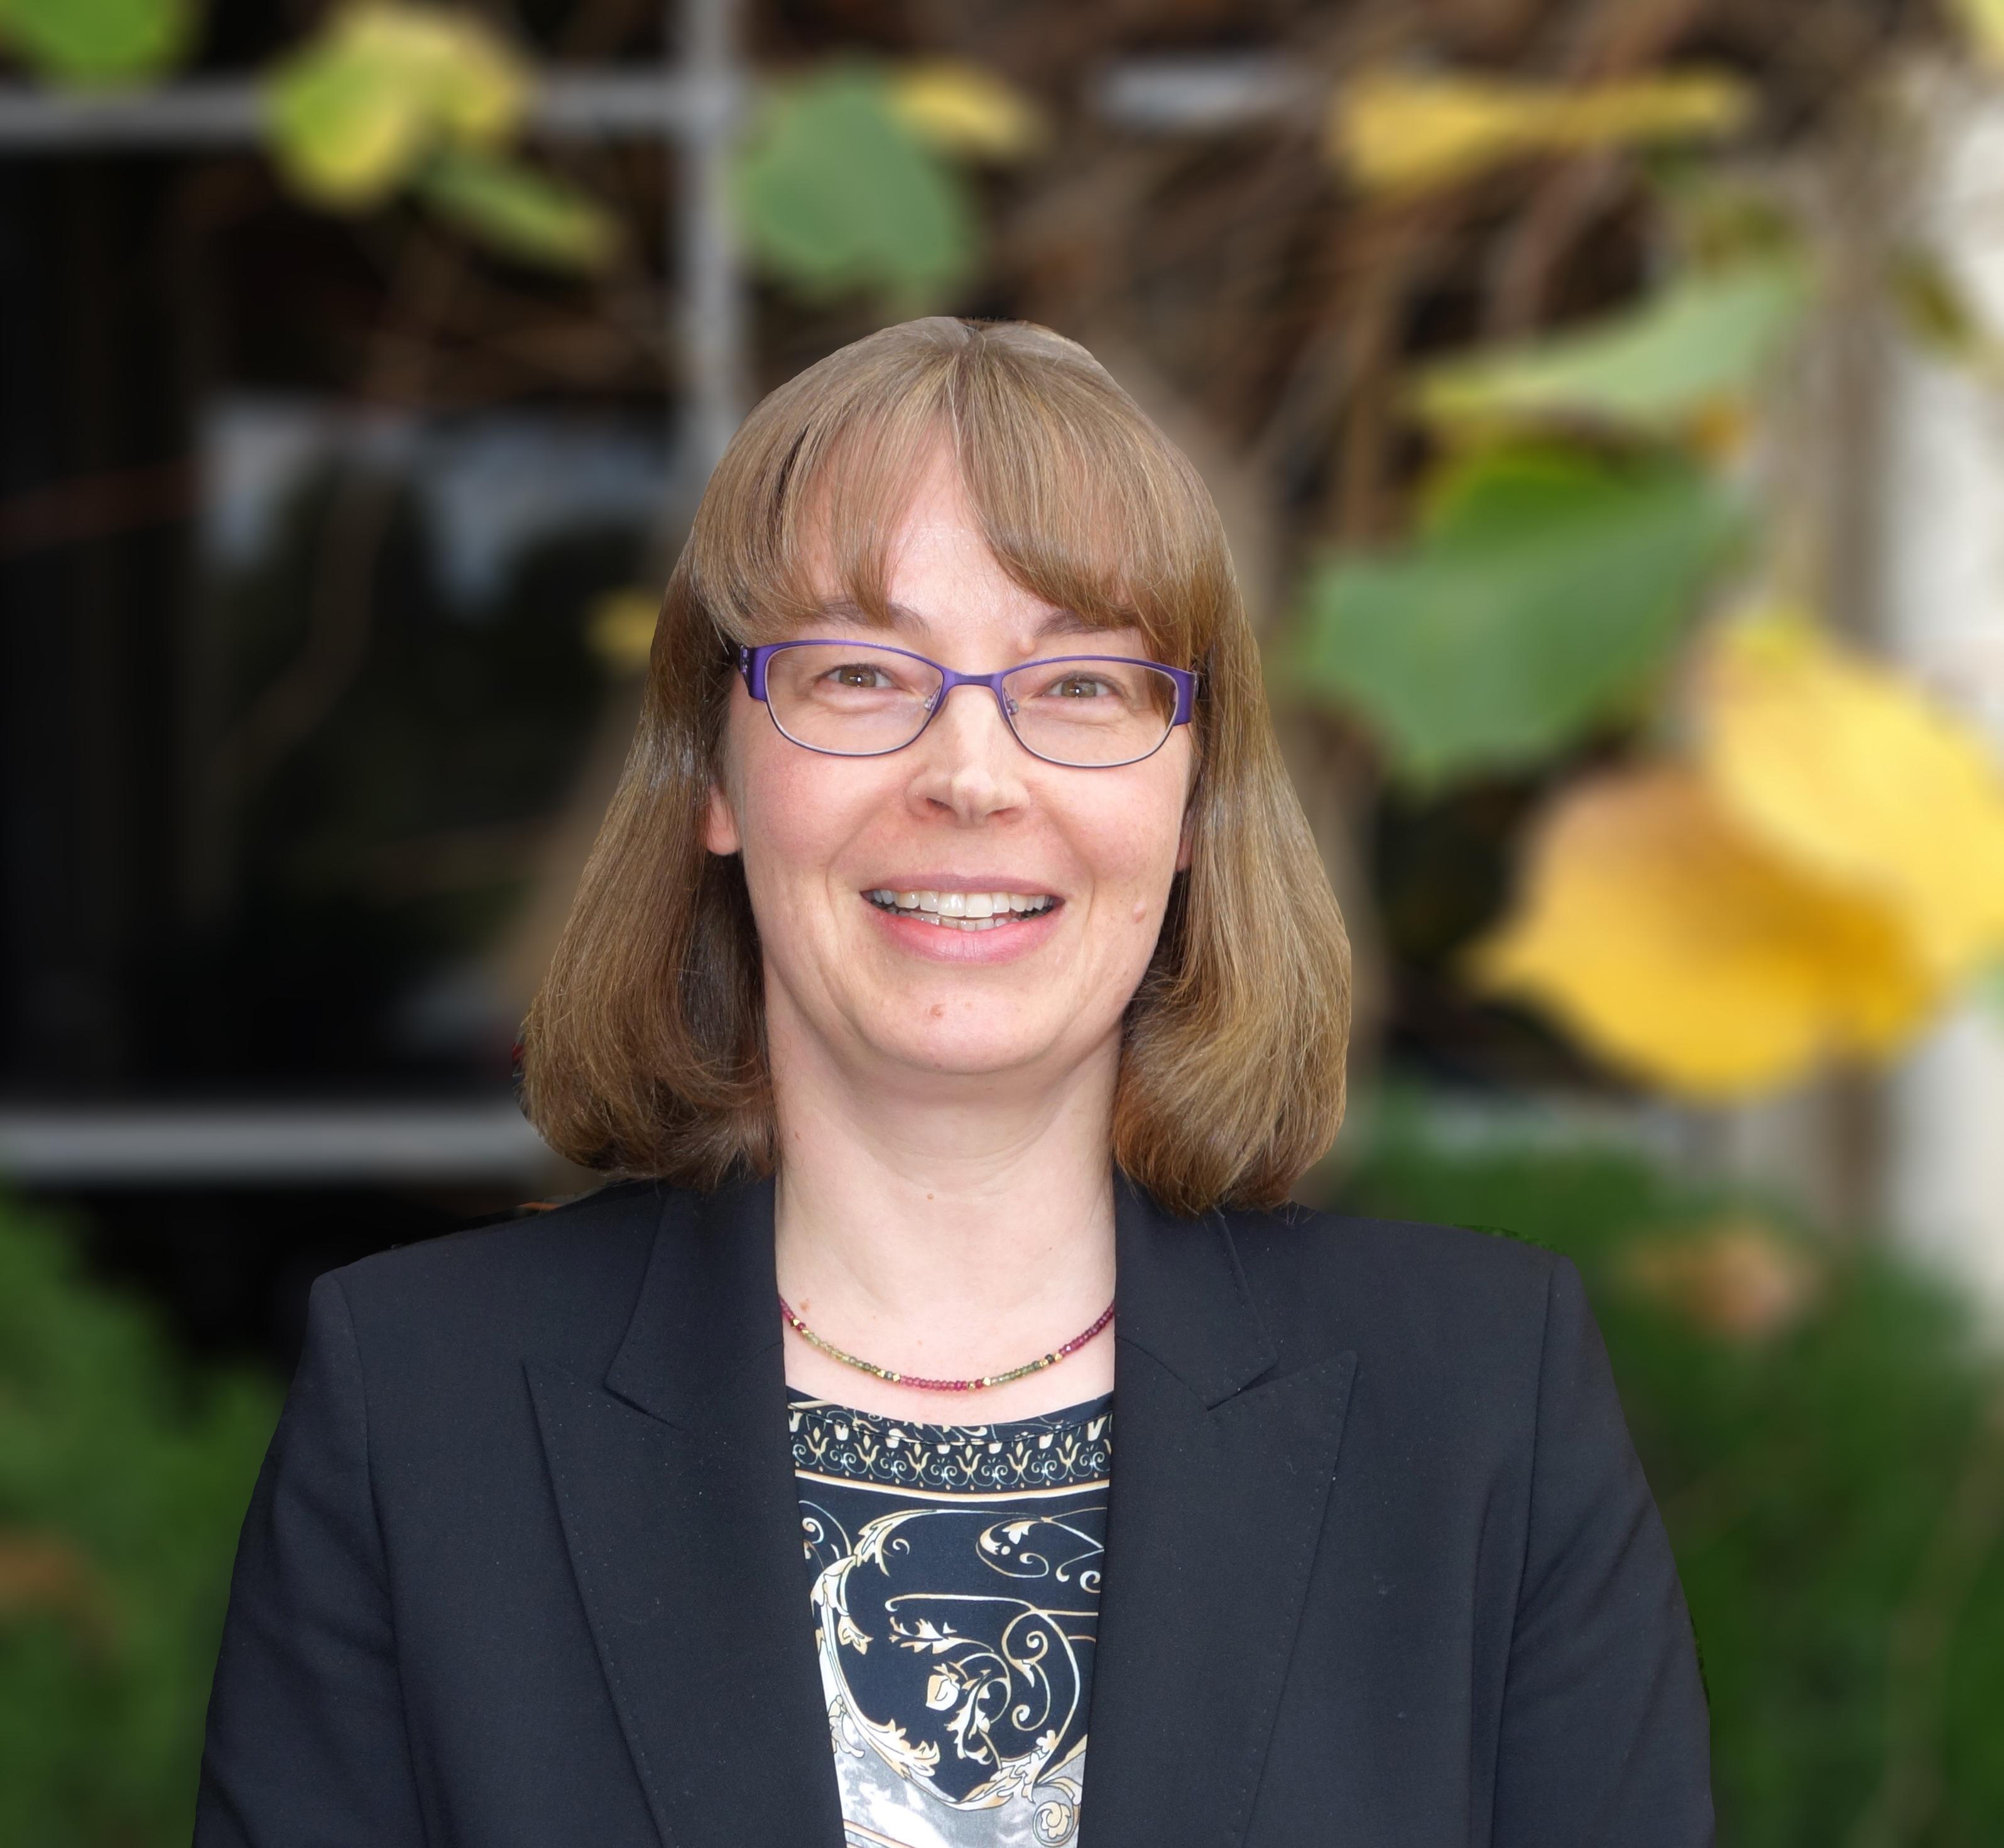 Professor Nicola Lautenschlauger